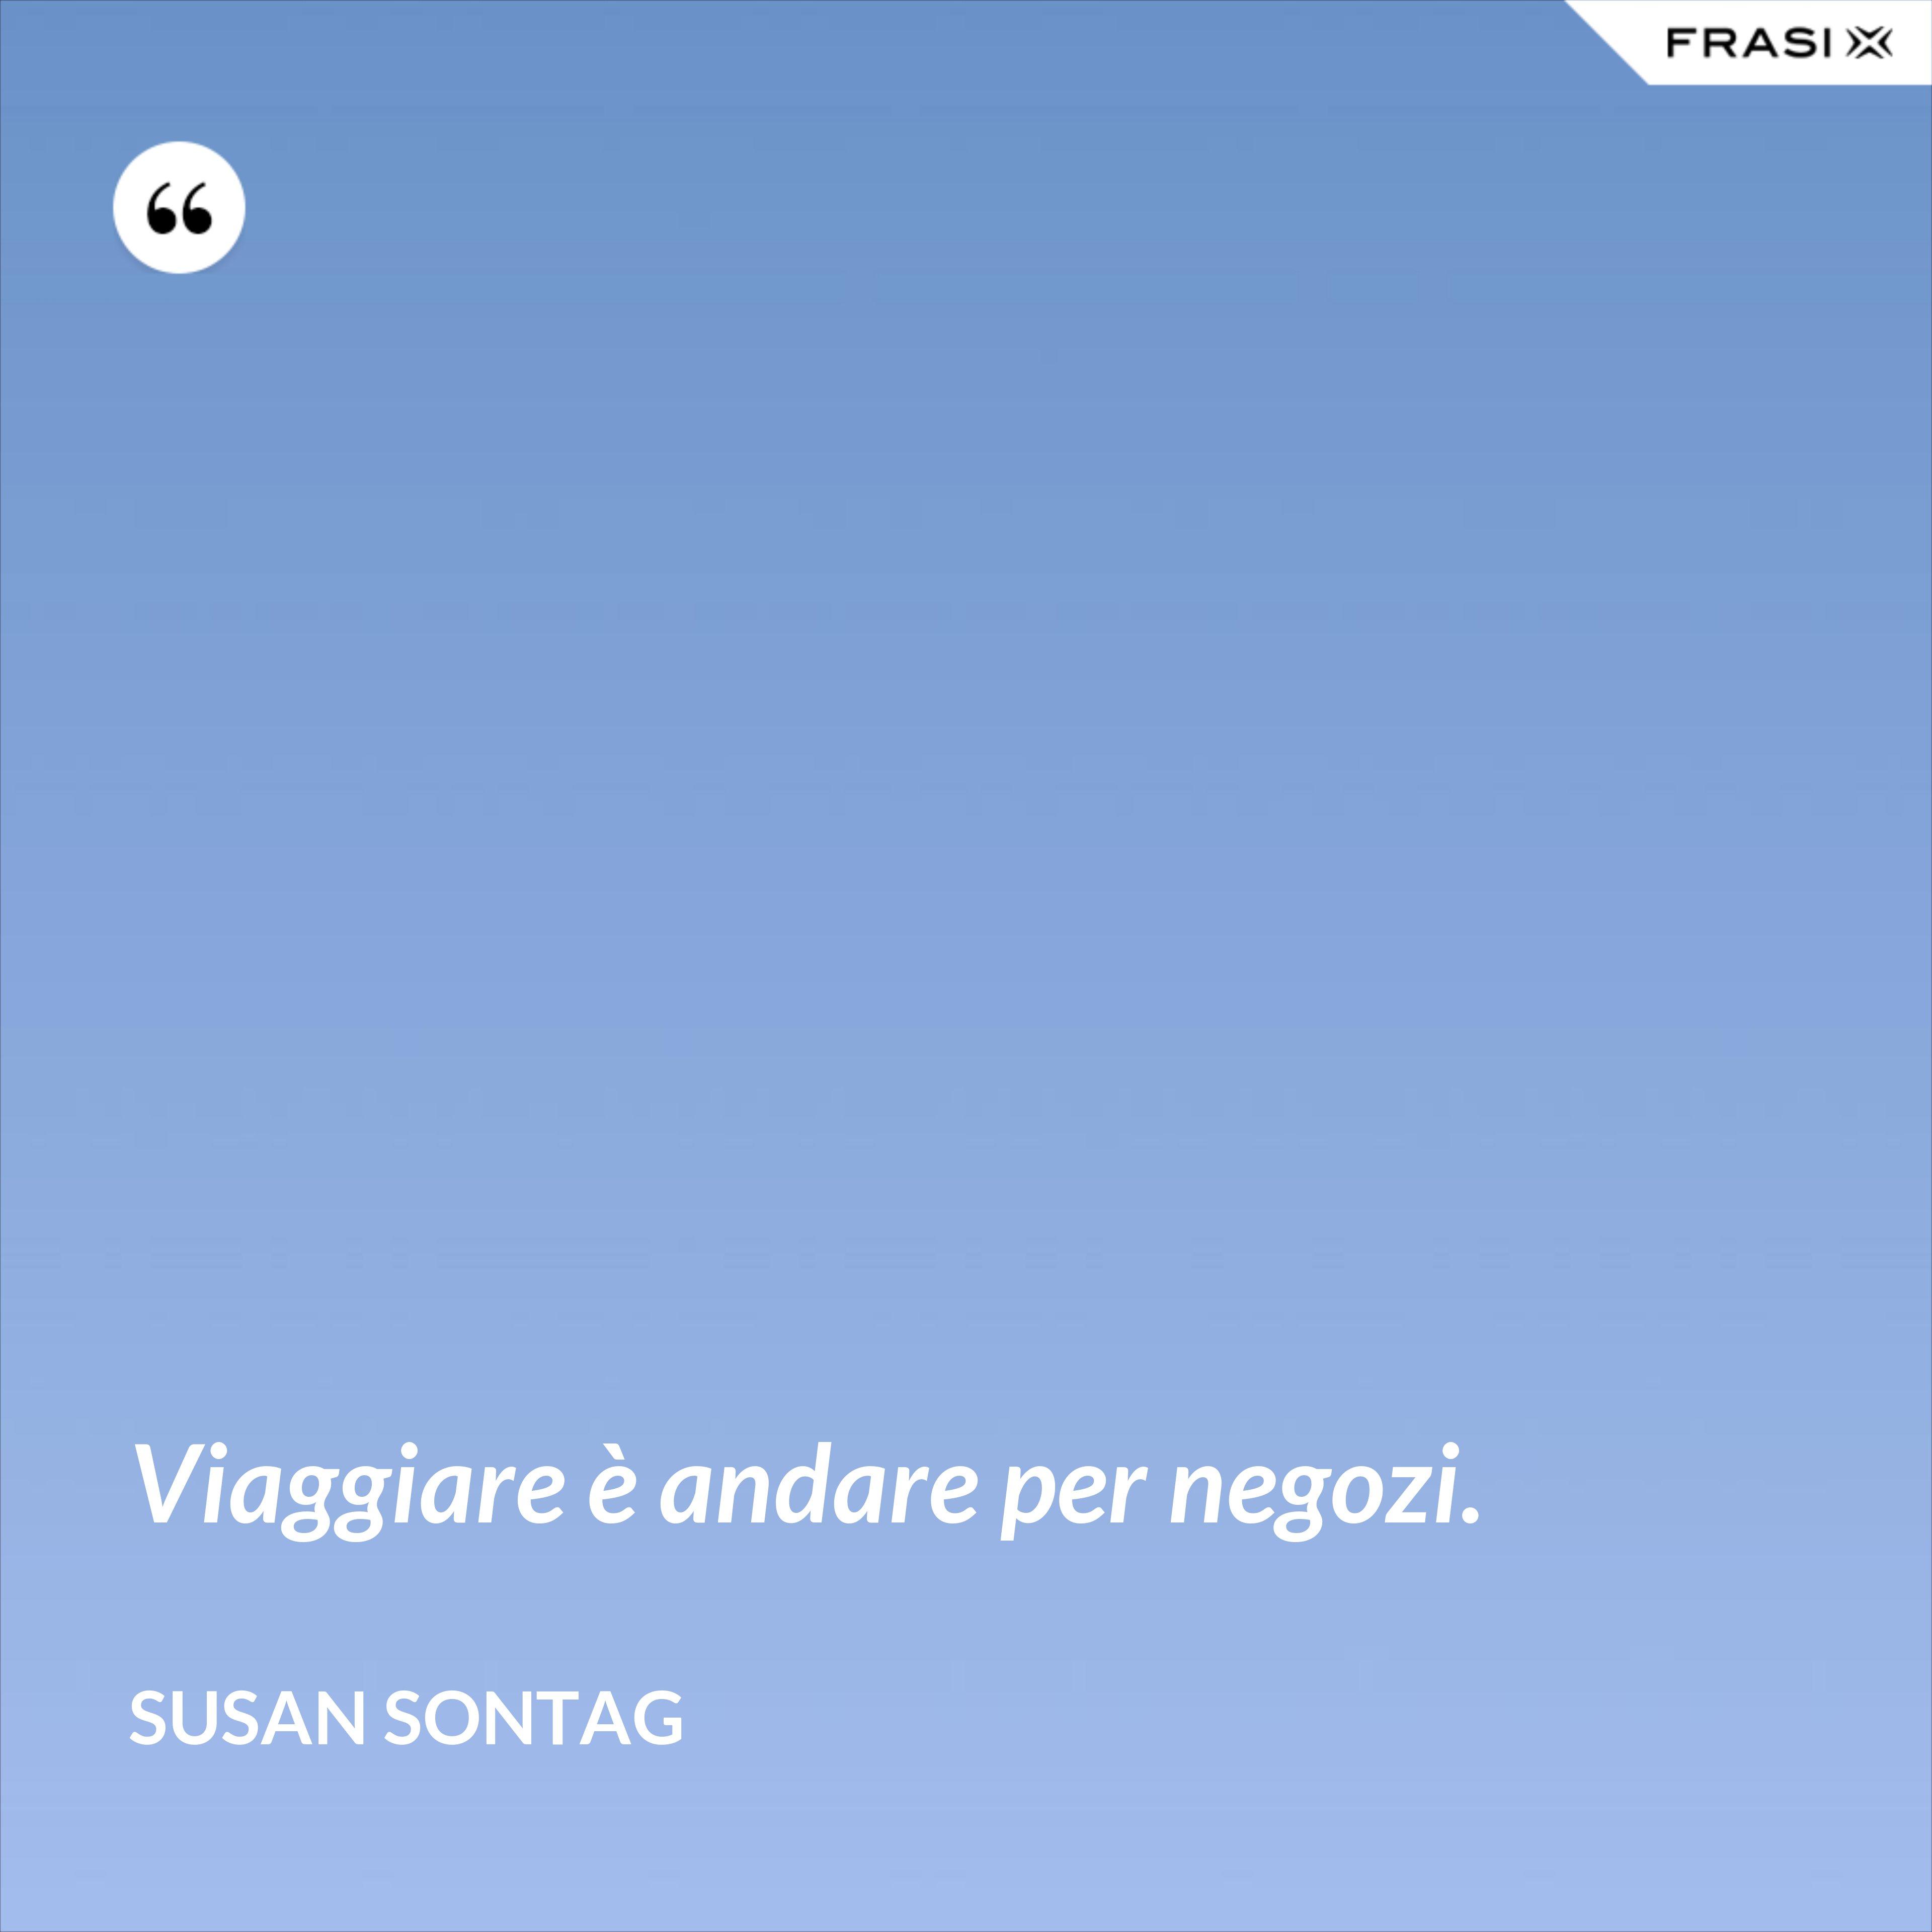 Viaggiare è andare per negozi. - Susan Sontag